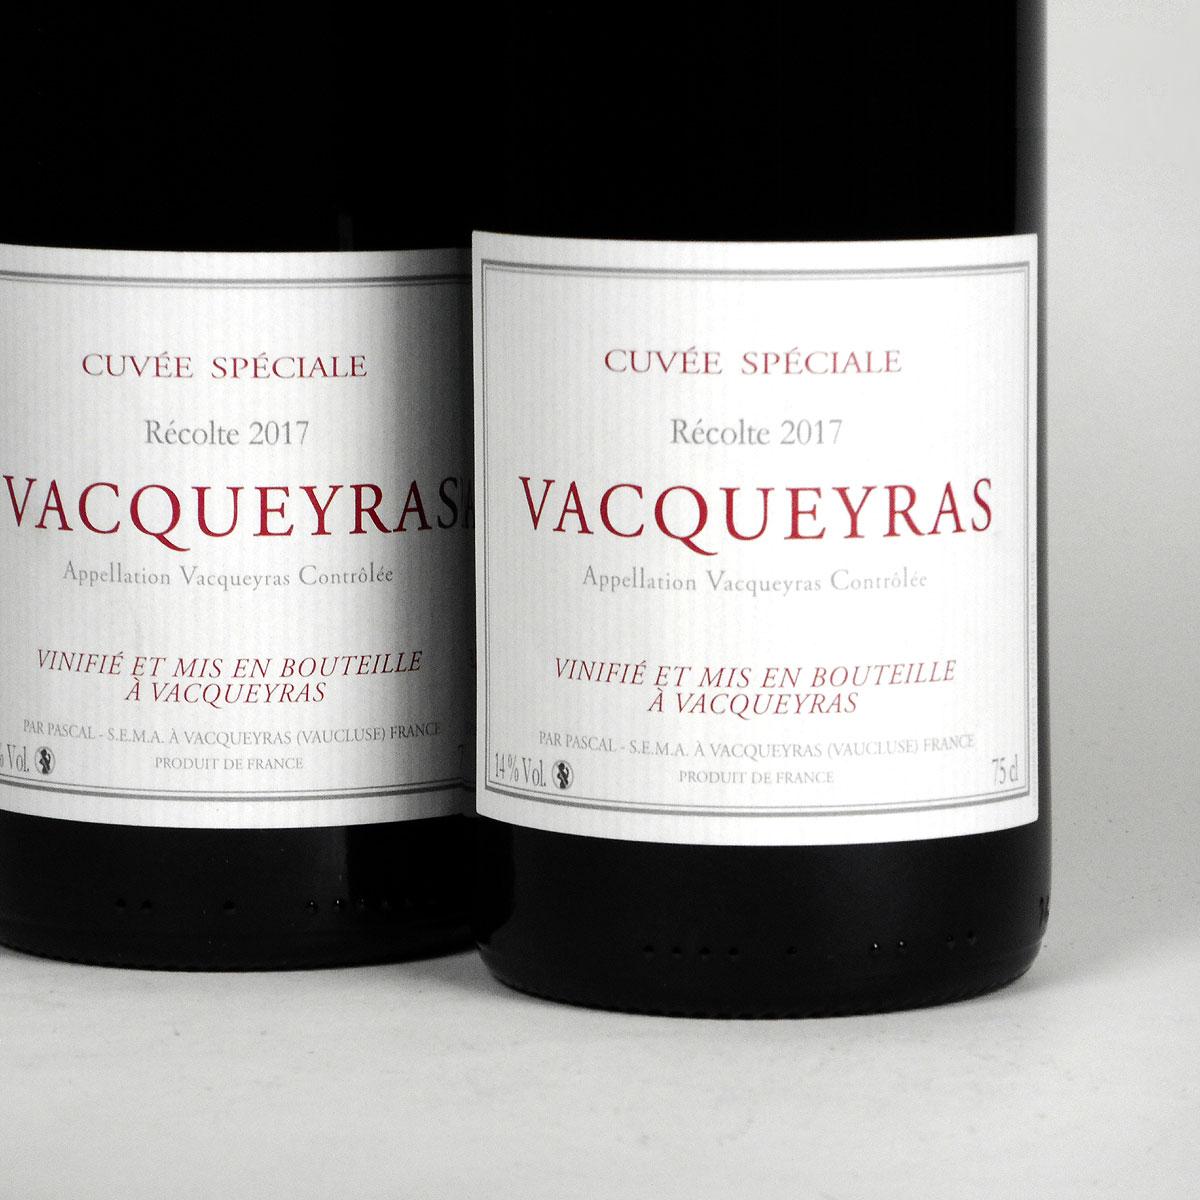 Vacqueyras: Pascal Frères 'Cuvée Spéciale' 2017